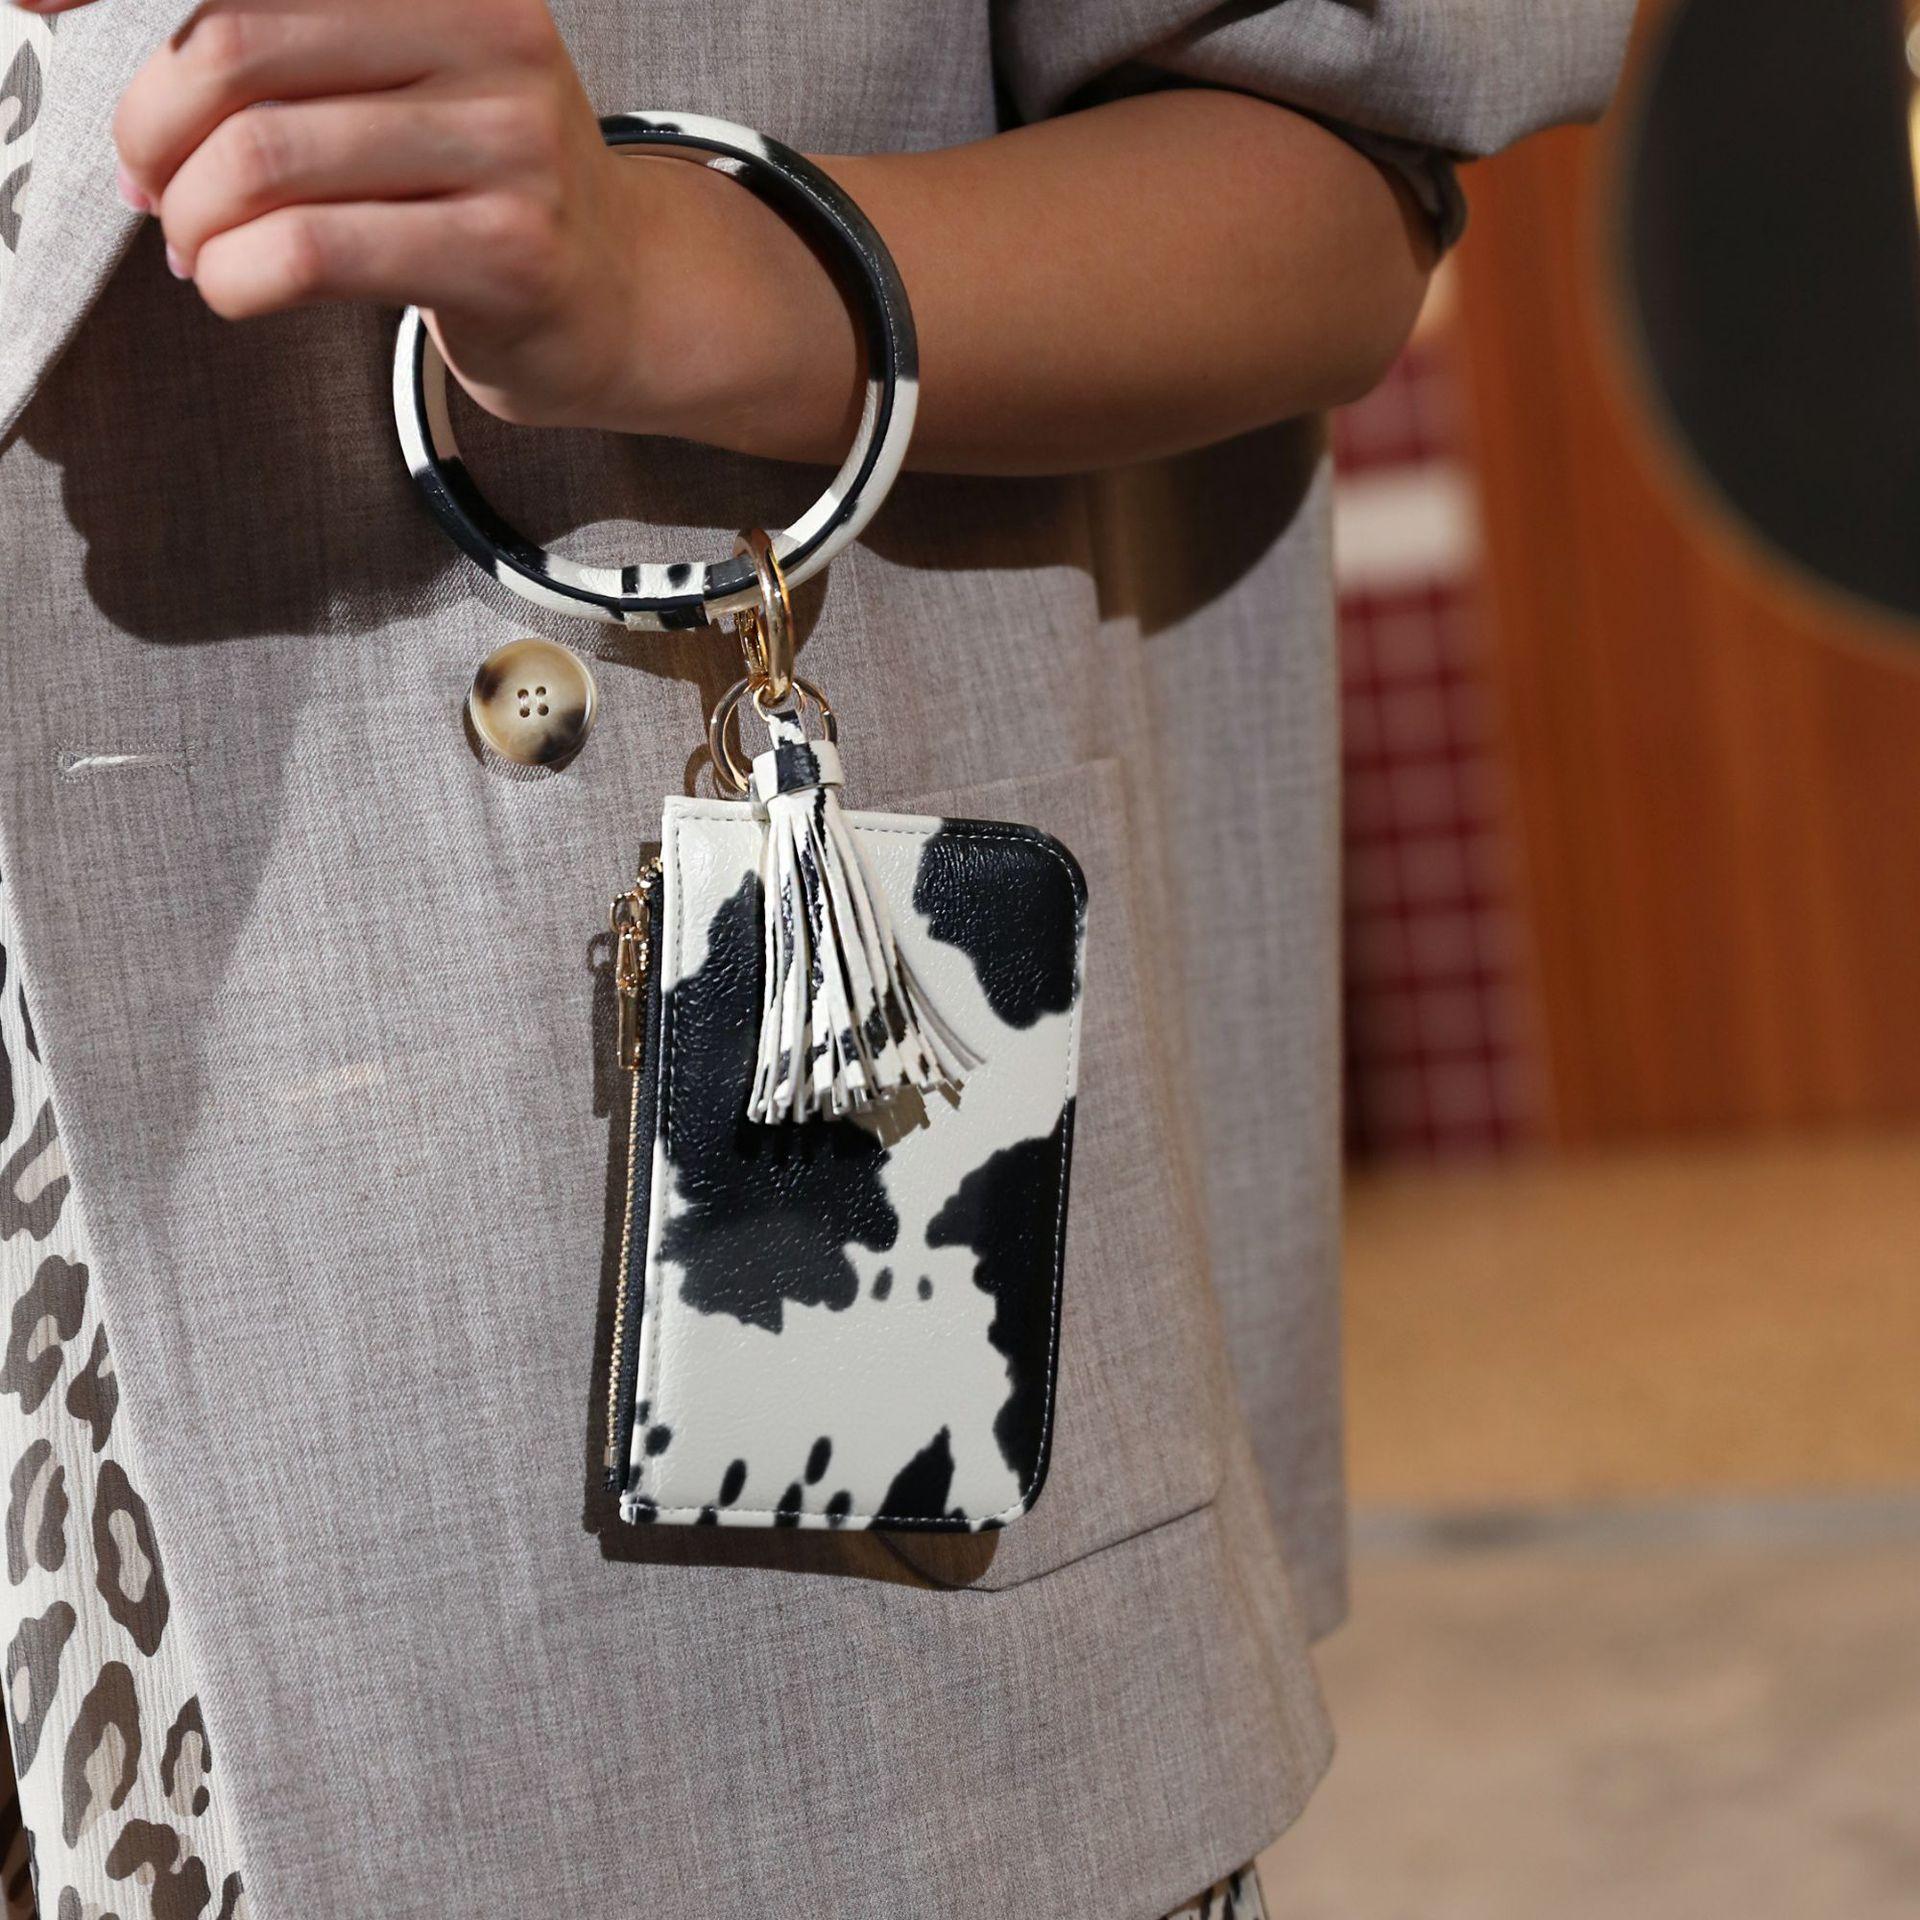 2020 nueva moda patrón Animal patrón monedero llavero borla grande círculo brazalete pulsera llavero